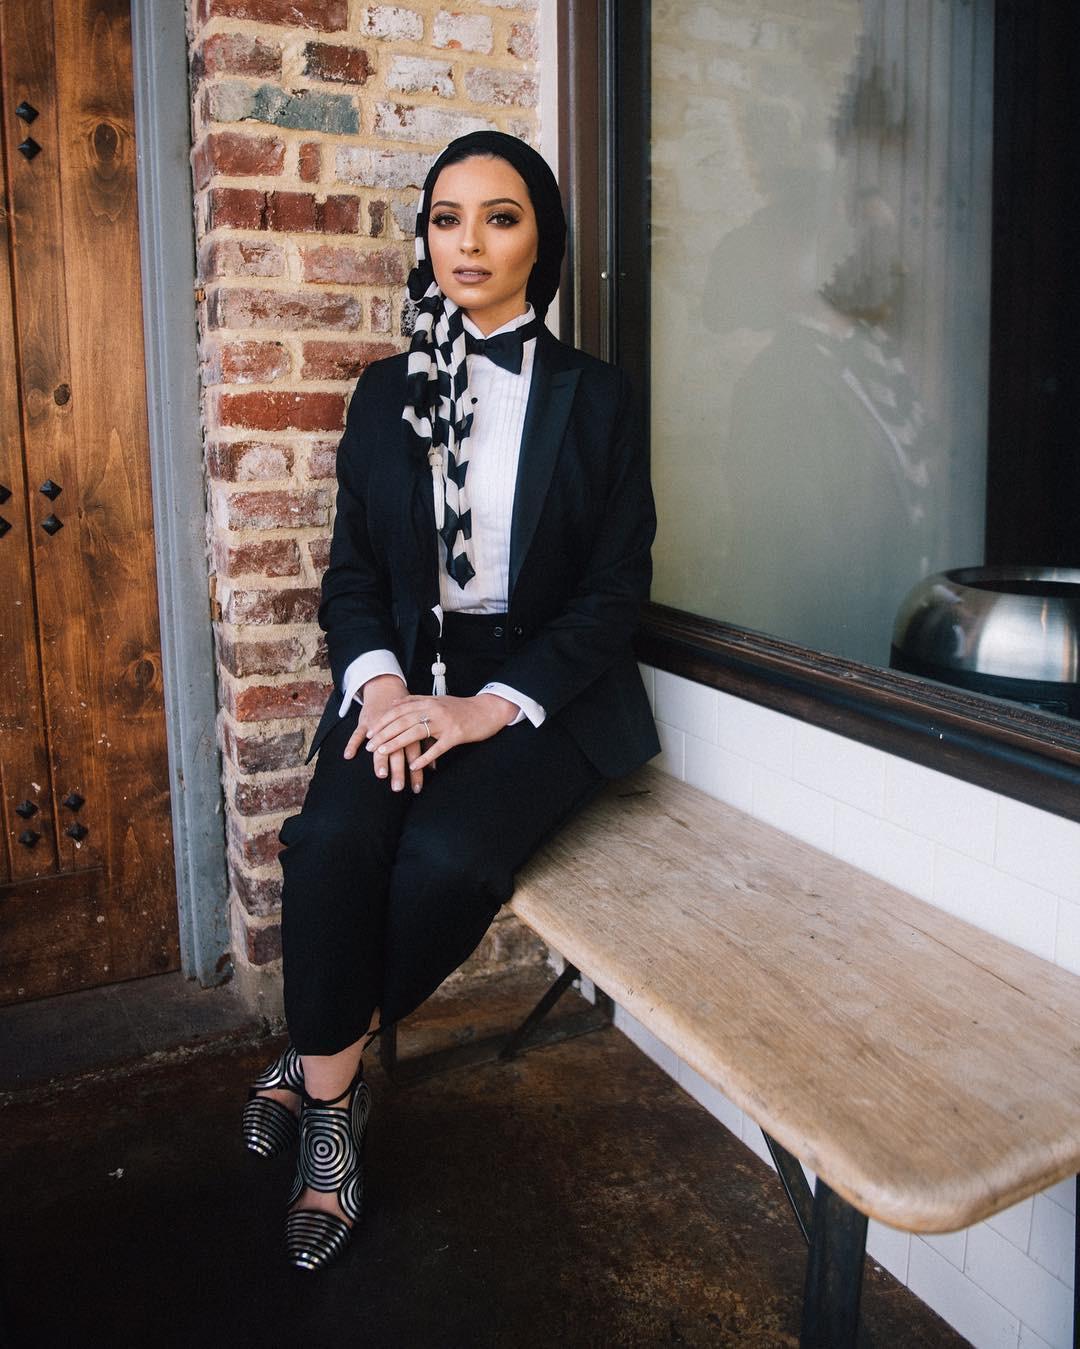 Bikin Gaya Hijab Casual Makin Stylish Ala Hijabers Mancanegara Fashion Fimela Com